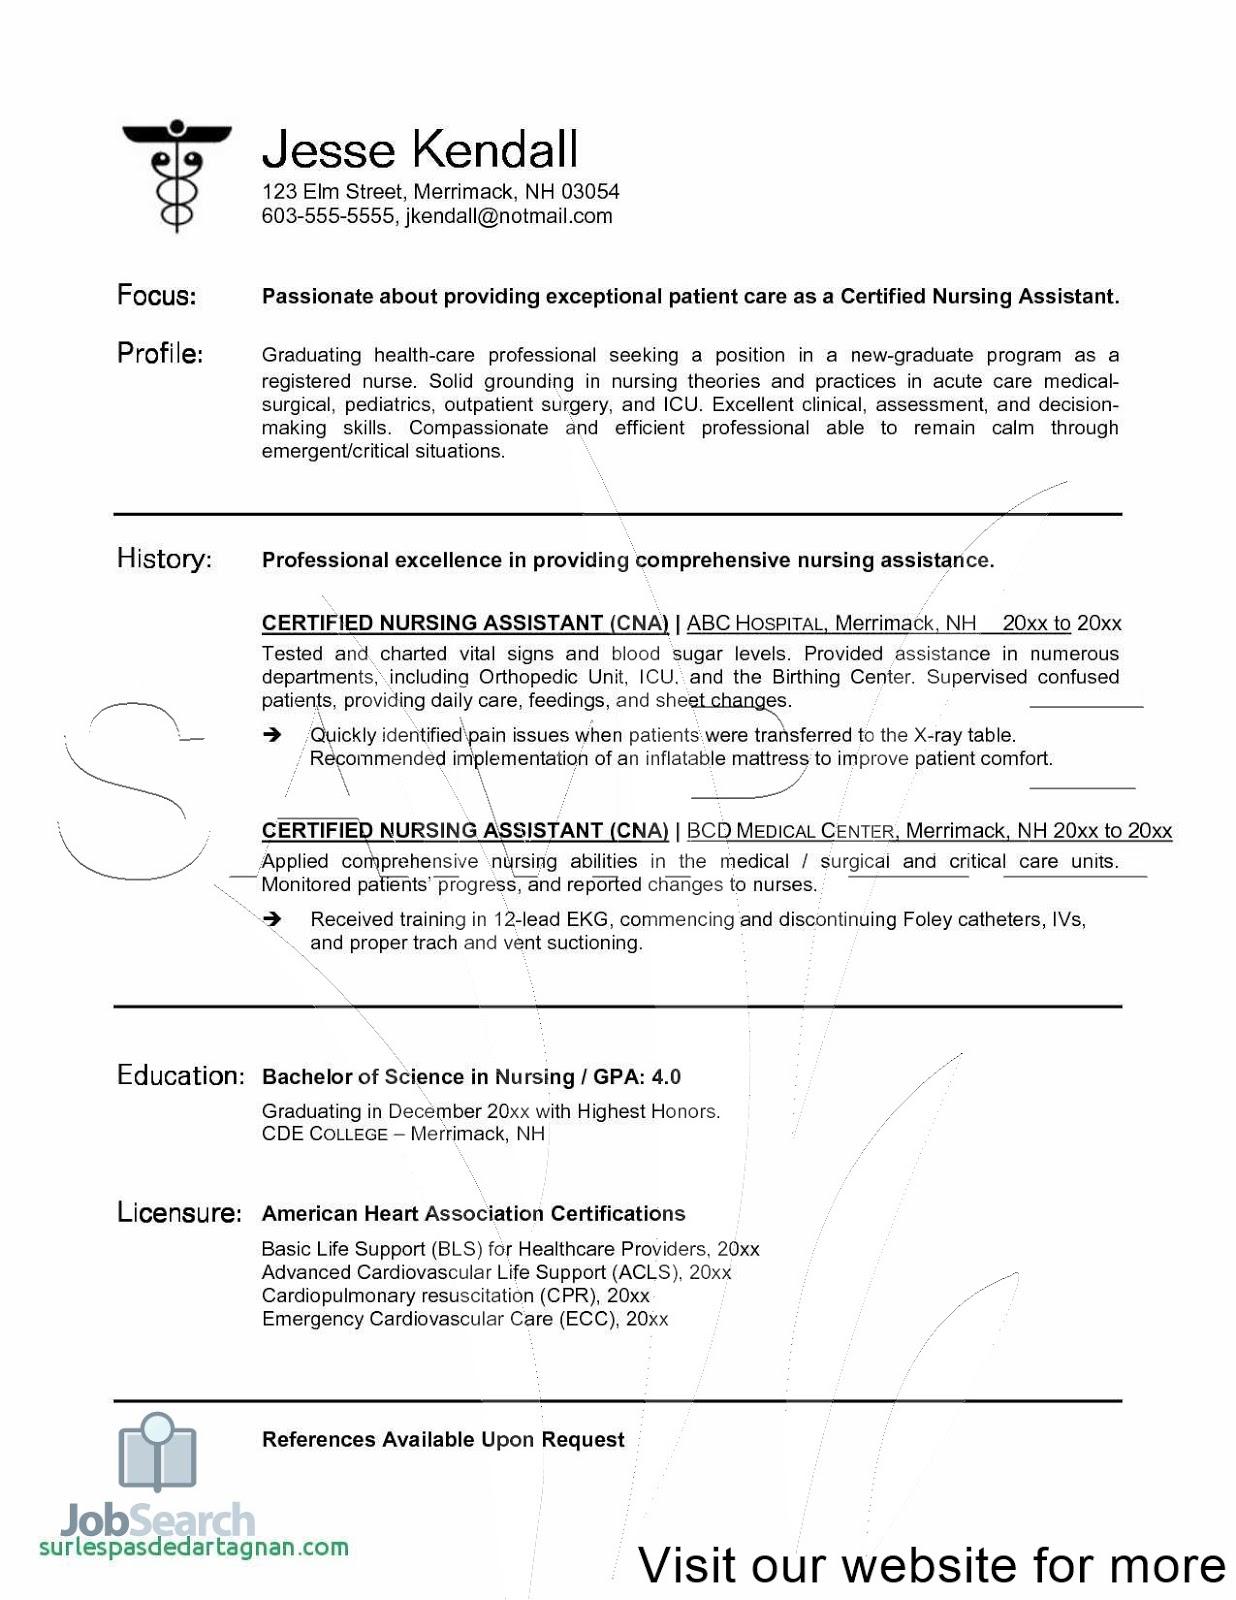 Cna Resume Samples 2020 Nursing Assistant Resume Samples